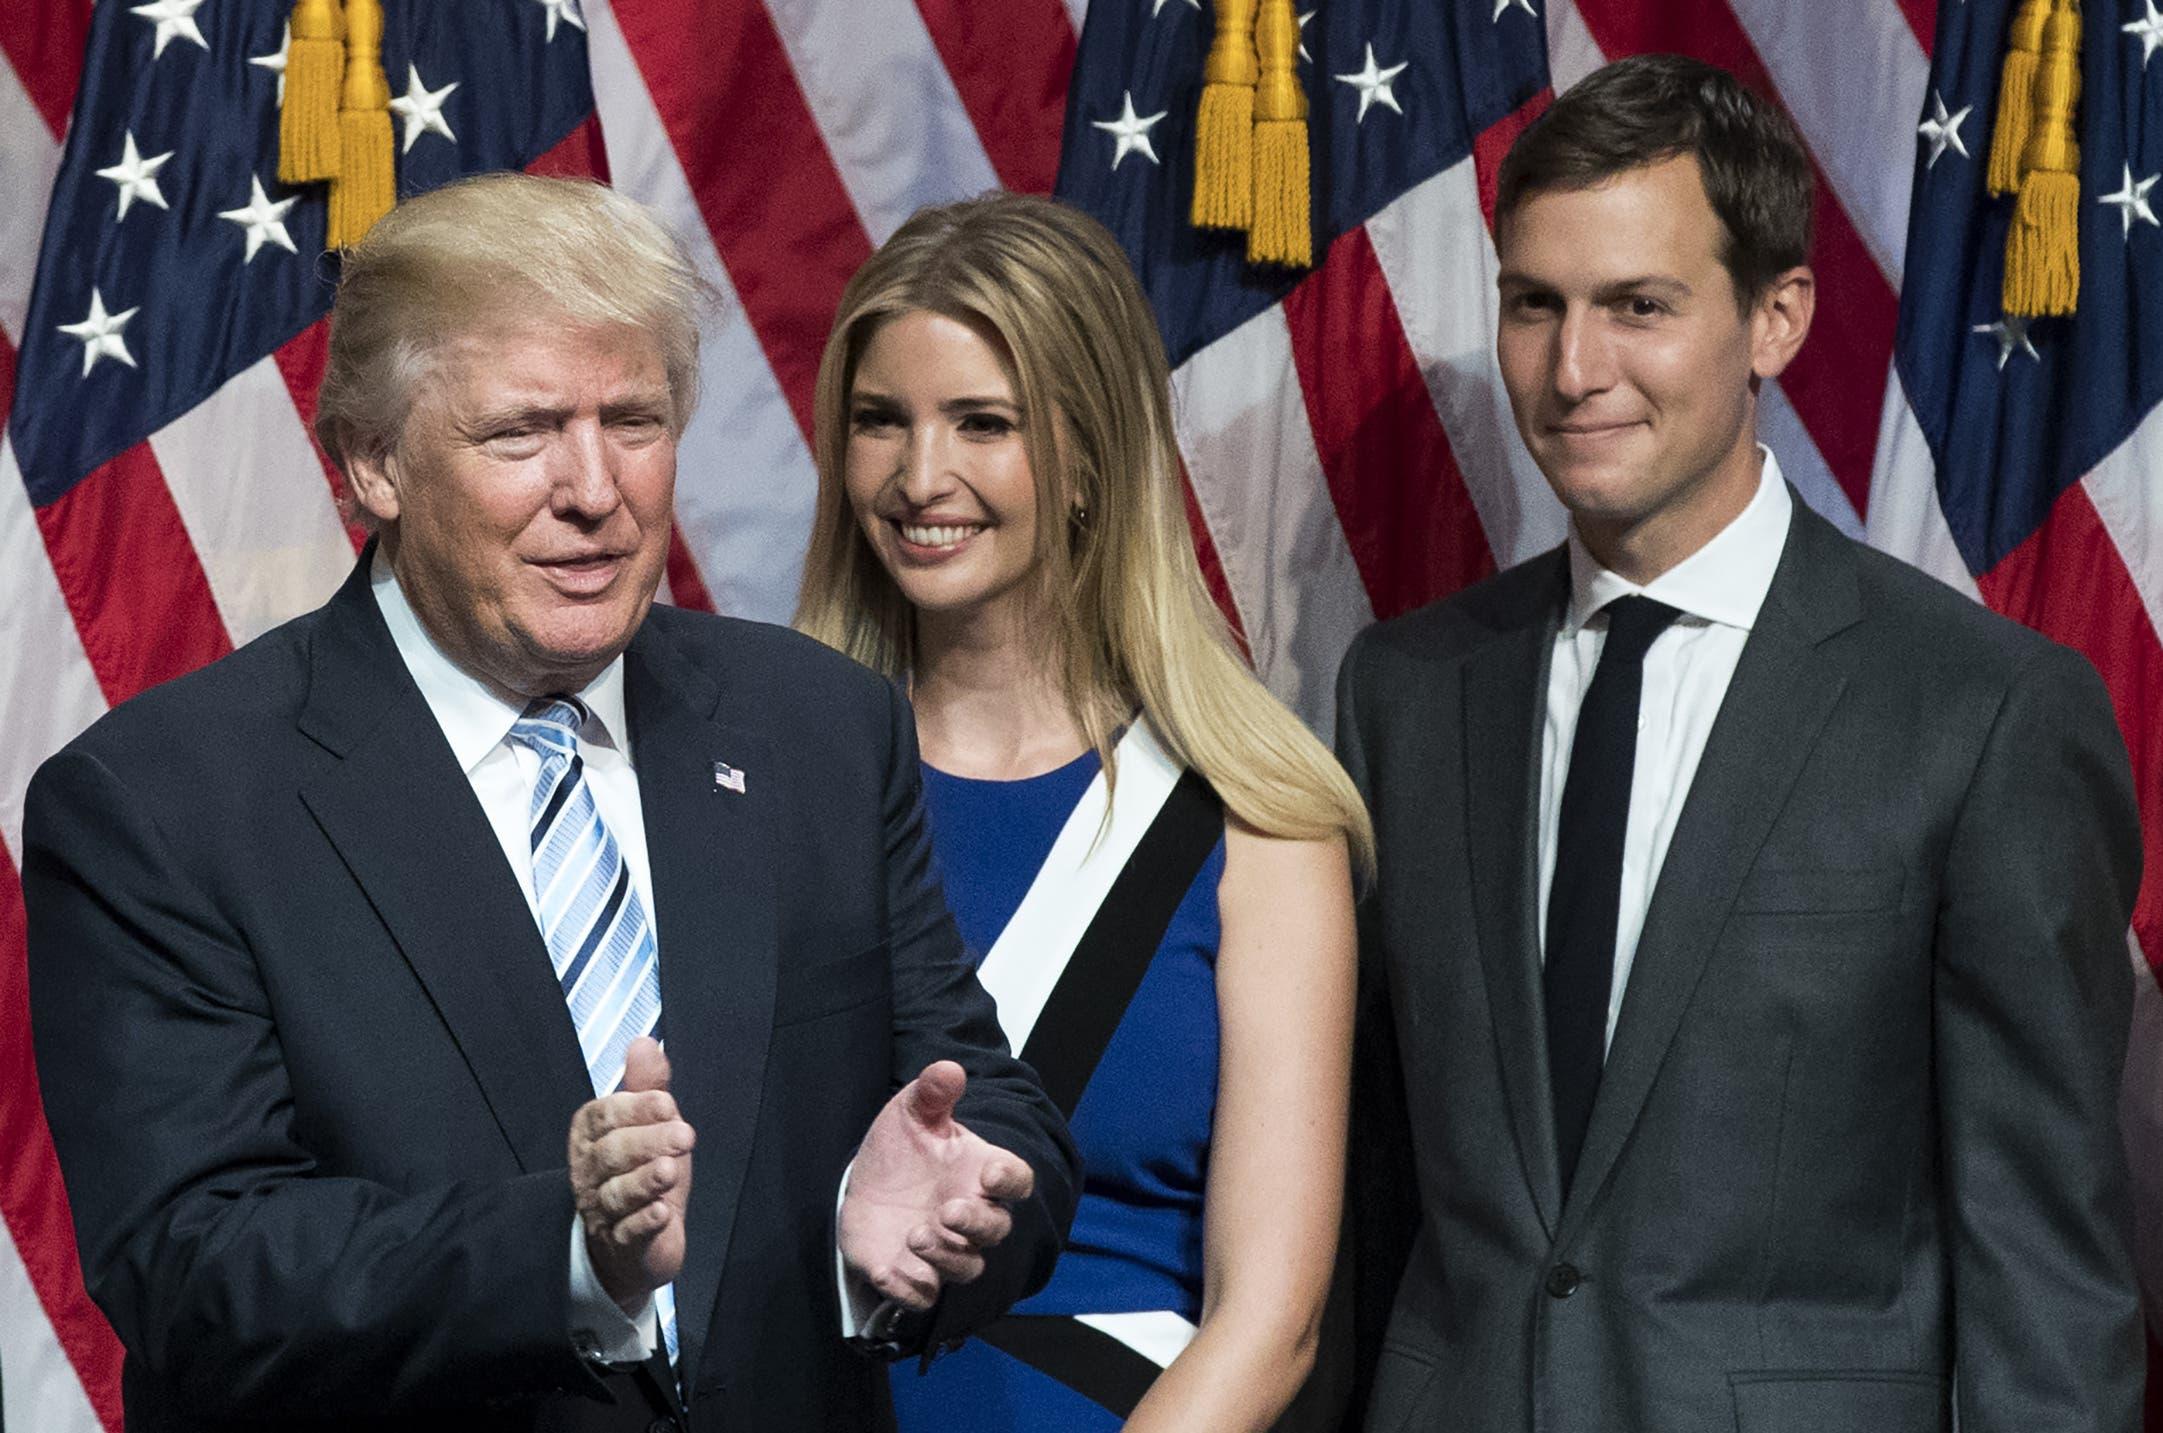 دونالد ترمب مع ابنته ايفانكا وزوجها خلال مناسبة في يوليو الماضي